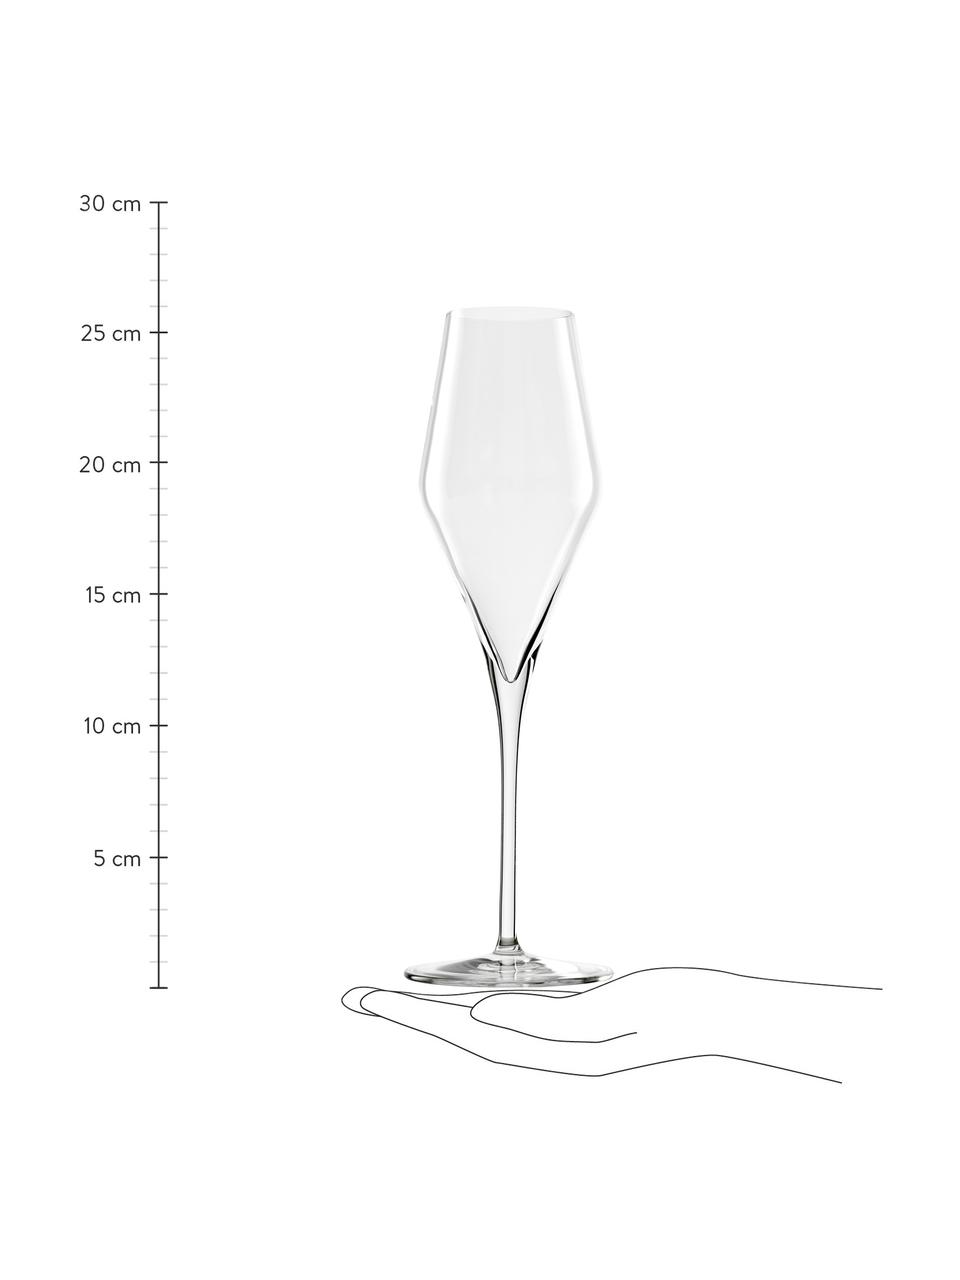 Kieliszek do szampana ze szkła kryształowego Quatrophil, 6 szt., Szkło kryształowe, Transparentny, Ø 8 x W 26 cm